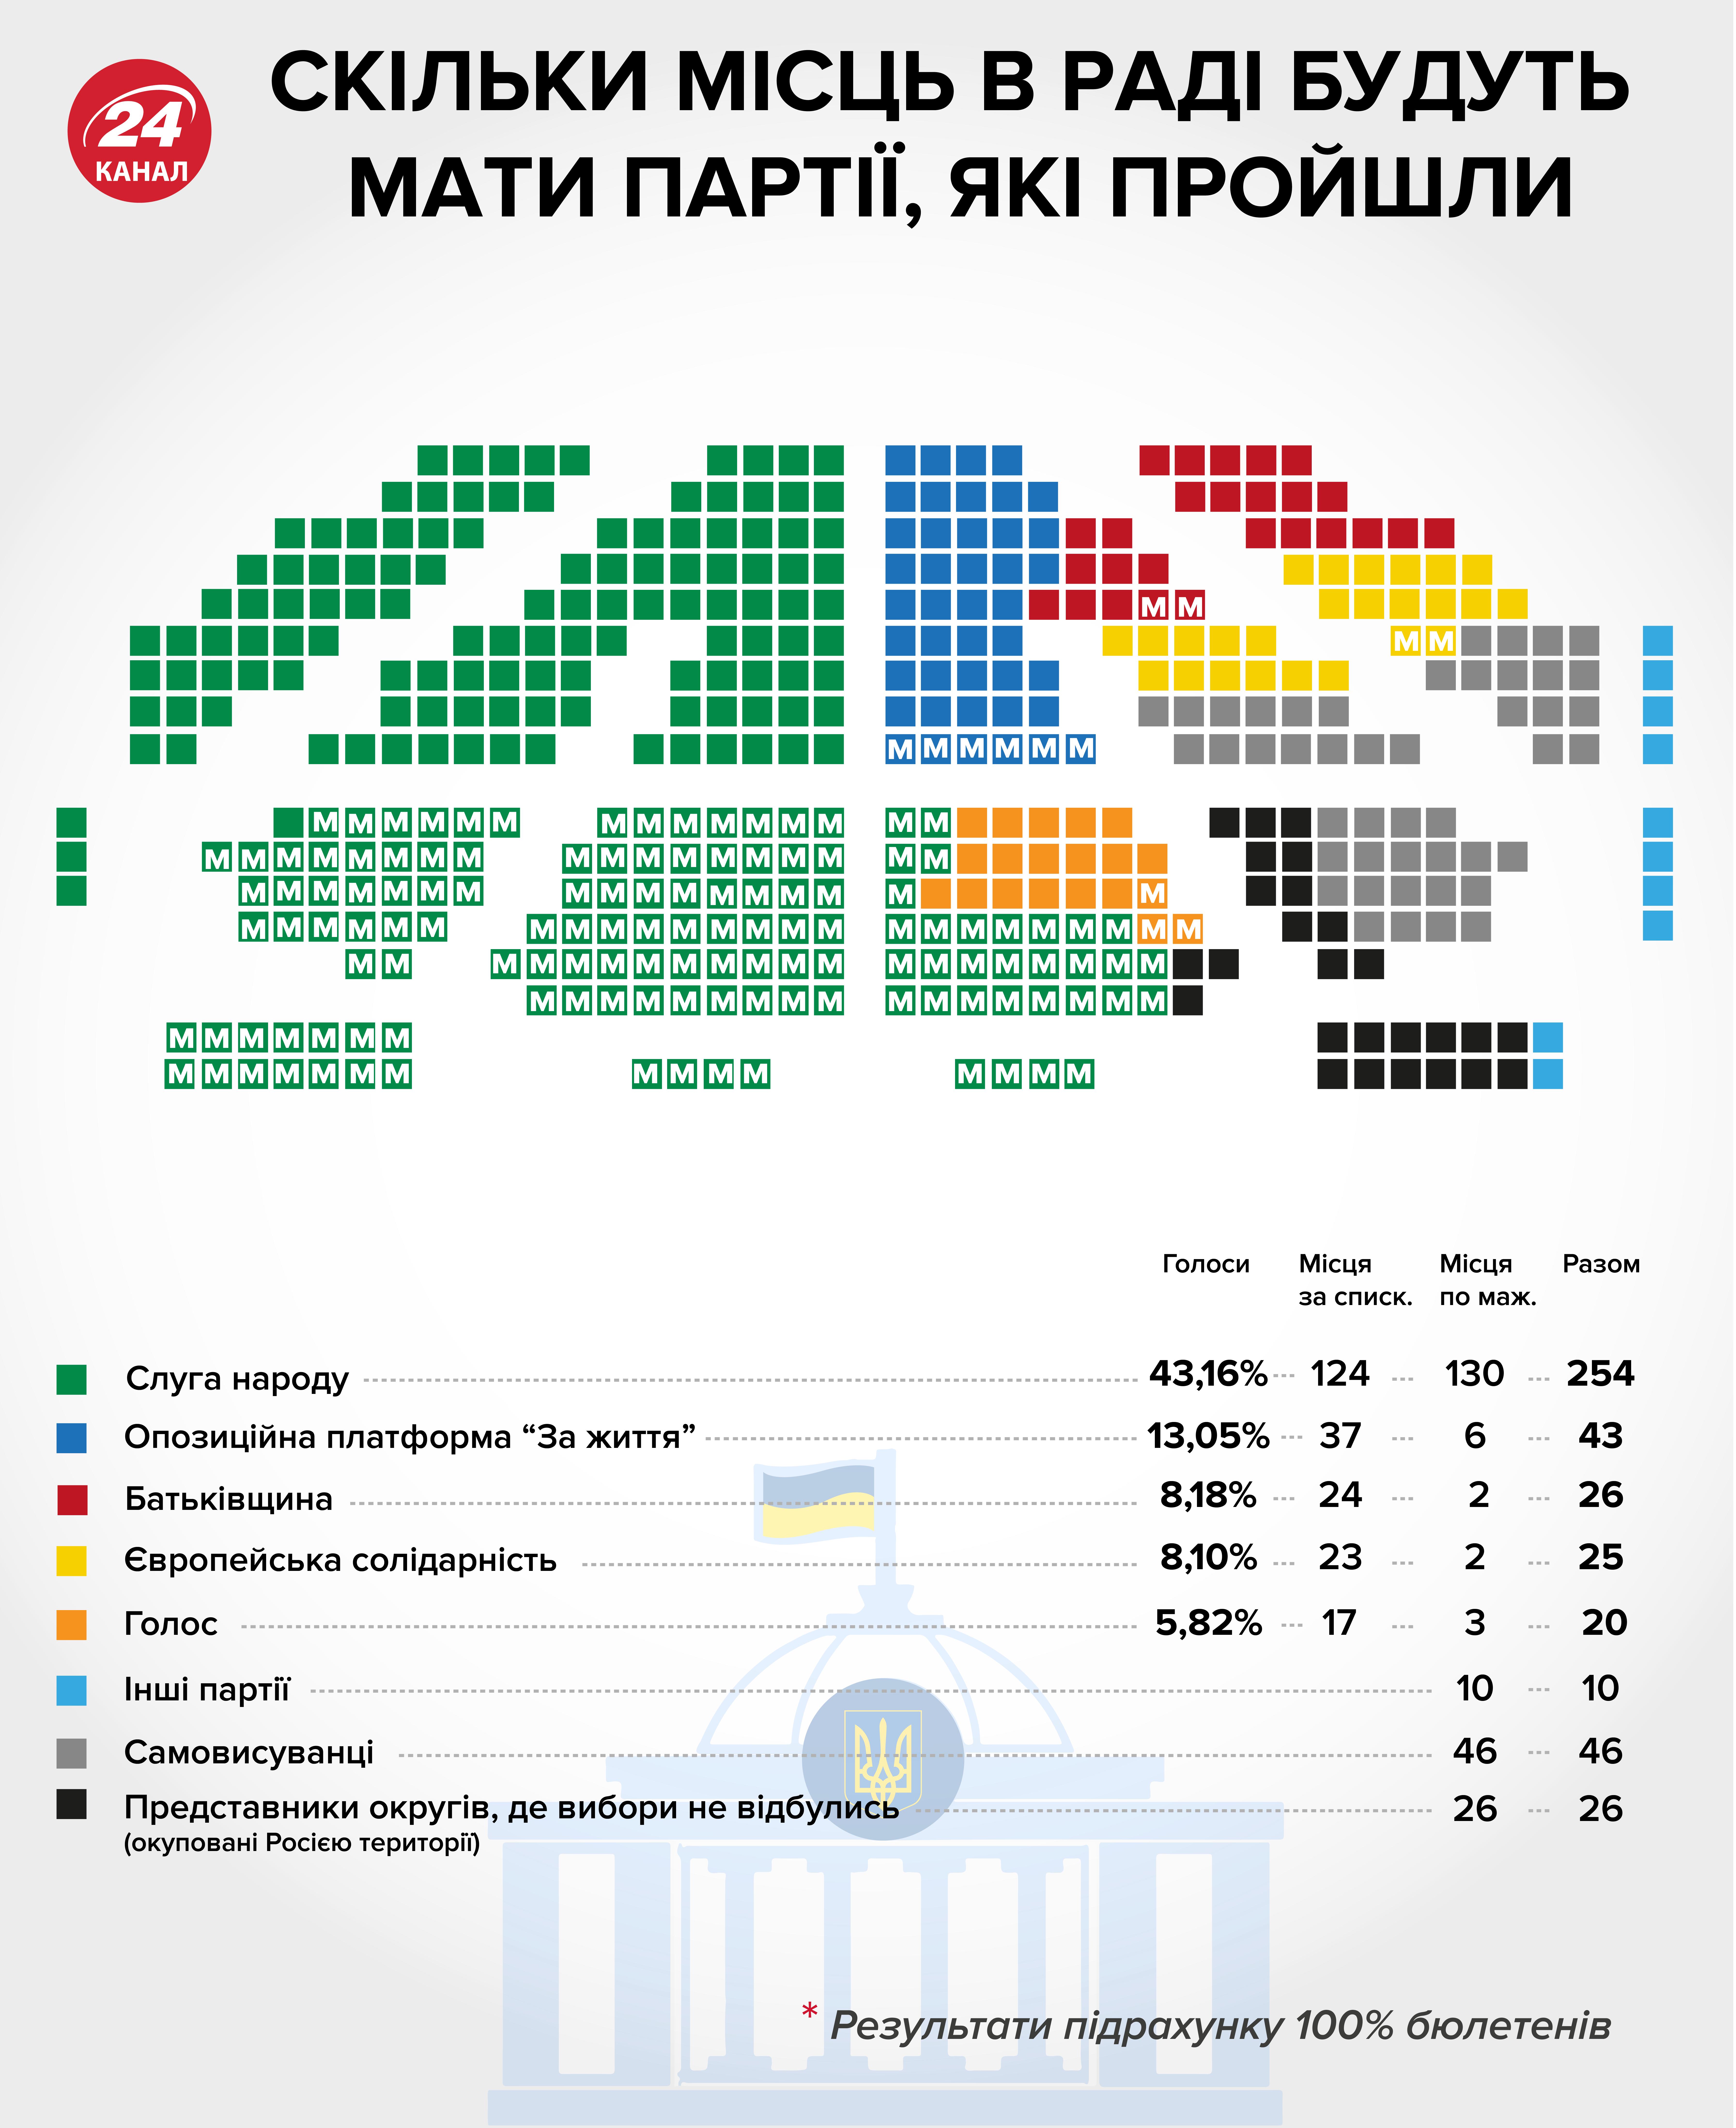 скільки місць в раді отримають прохідні партії